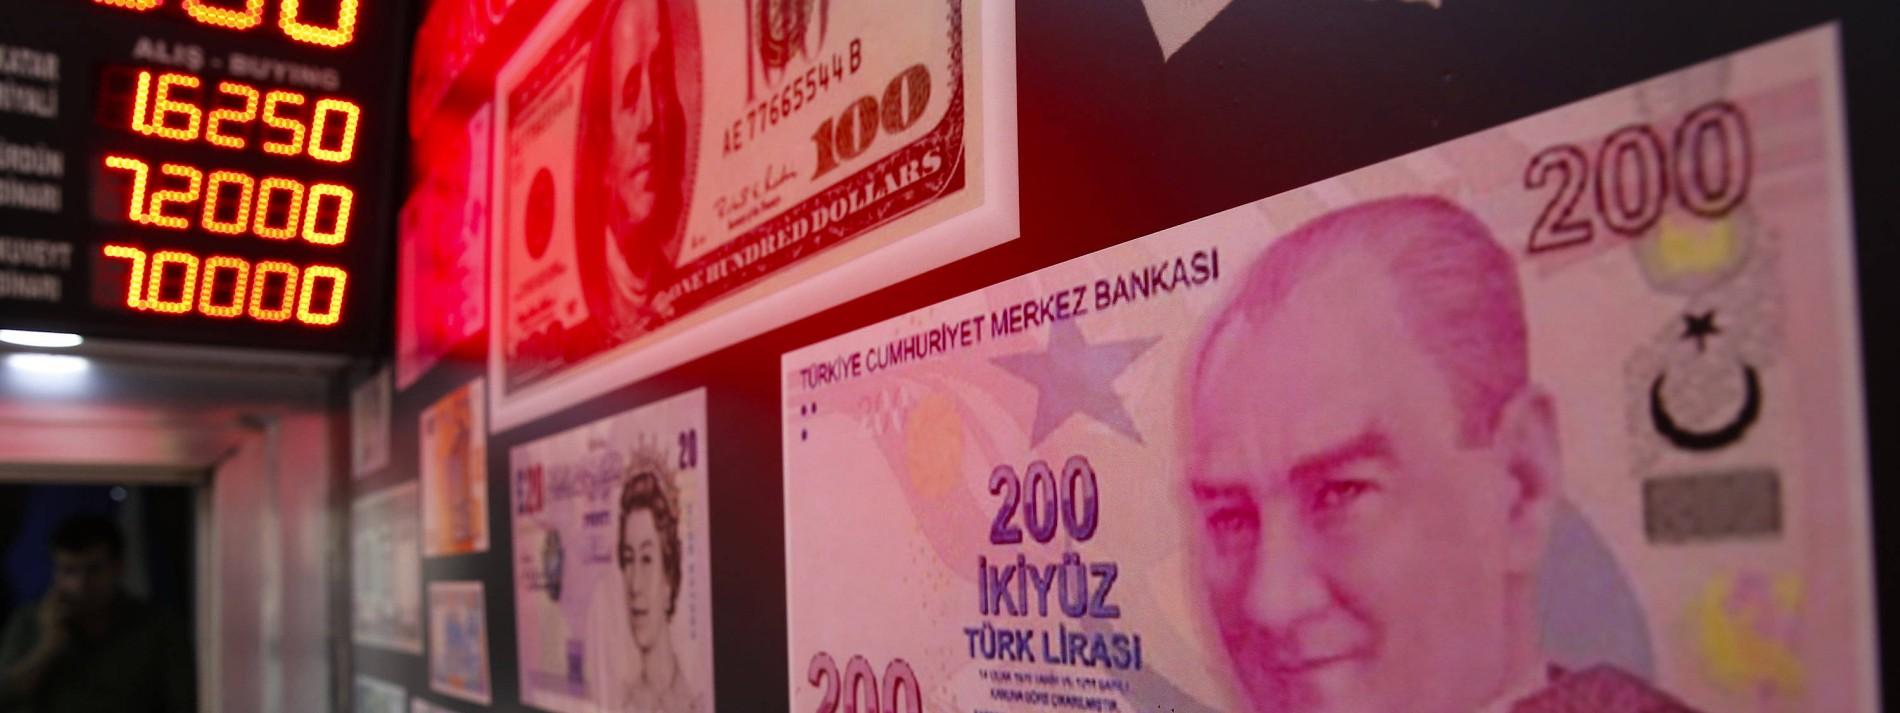 Kommt jetzt die Mega-Zinserhöhung?